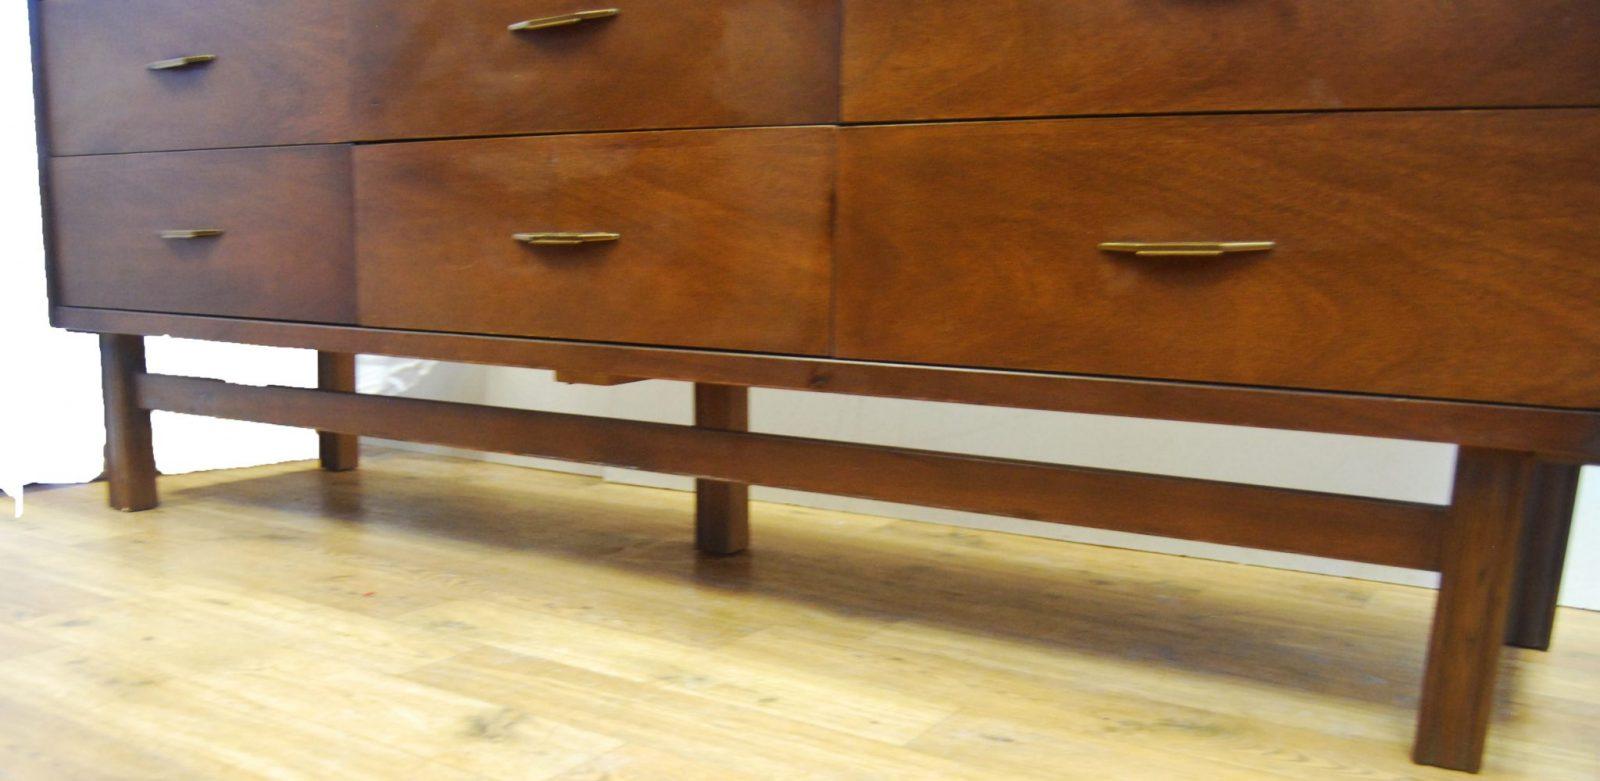 Mid Century Credenza Dresser By Basset Furniture